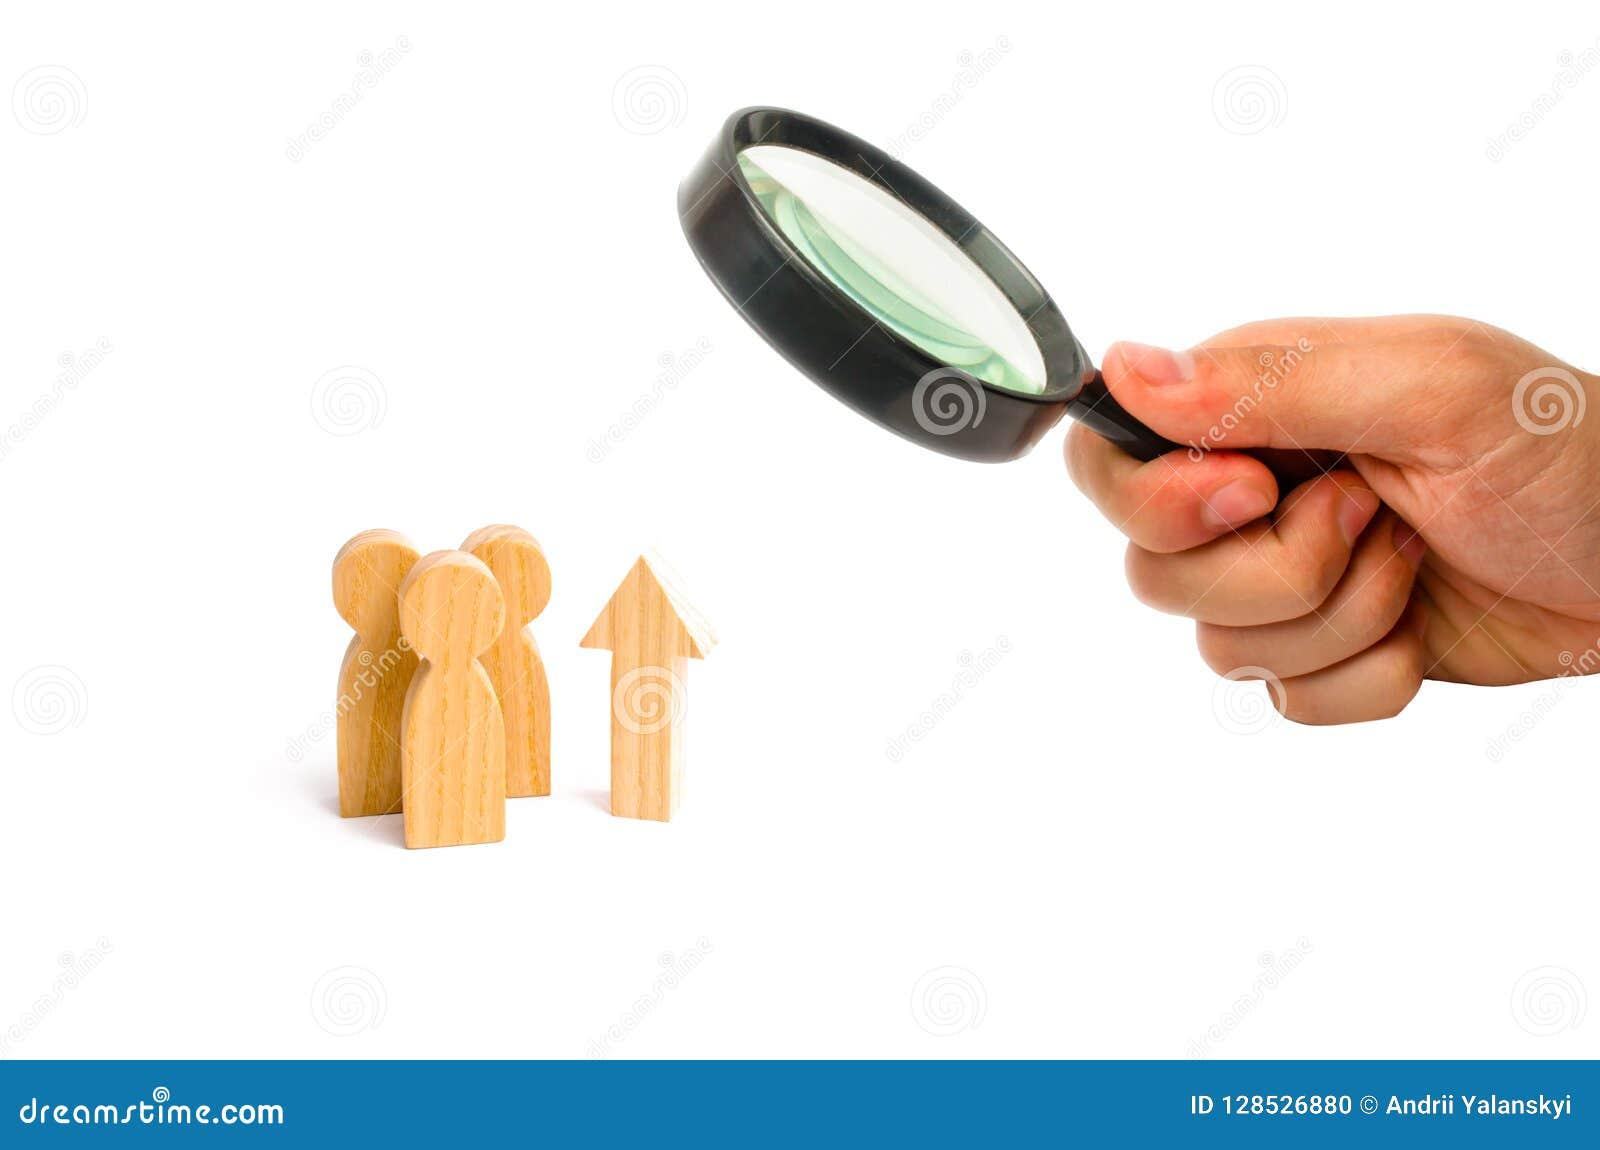 Ενίσχυση - το γυαλί εξετάζει μια ομάδα ανθρώπων και ένα επάνω βέλος Αύξηση και αύξηση, στατικά στοιχεία Επίπεδο επάνω Βελτίωση τη